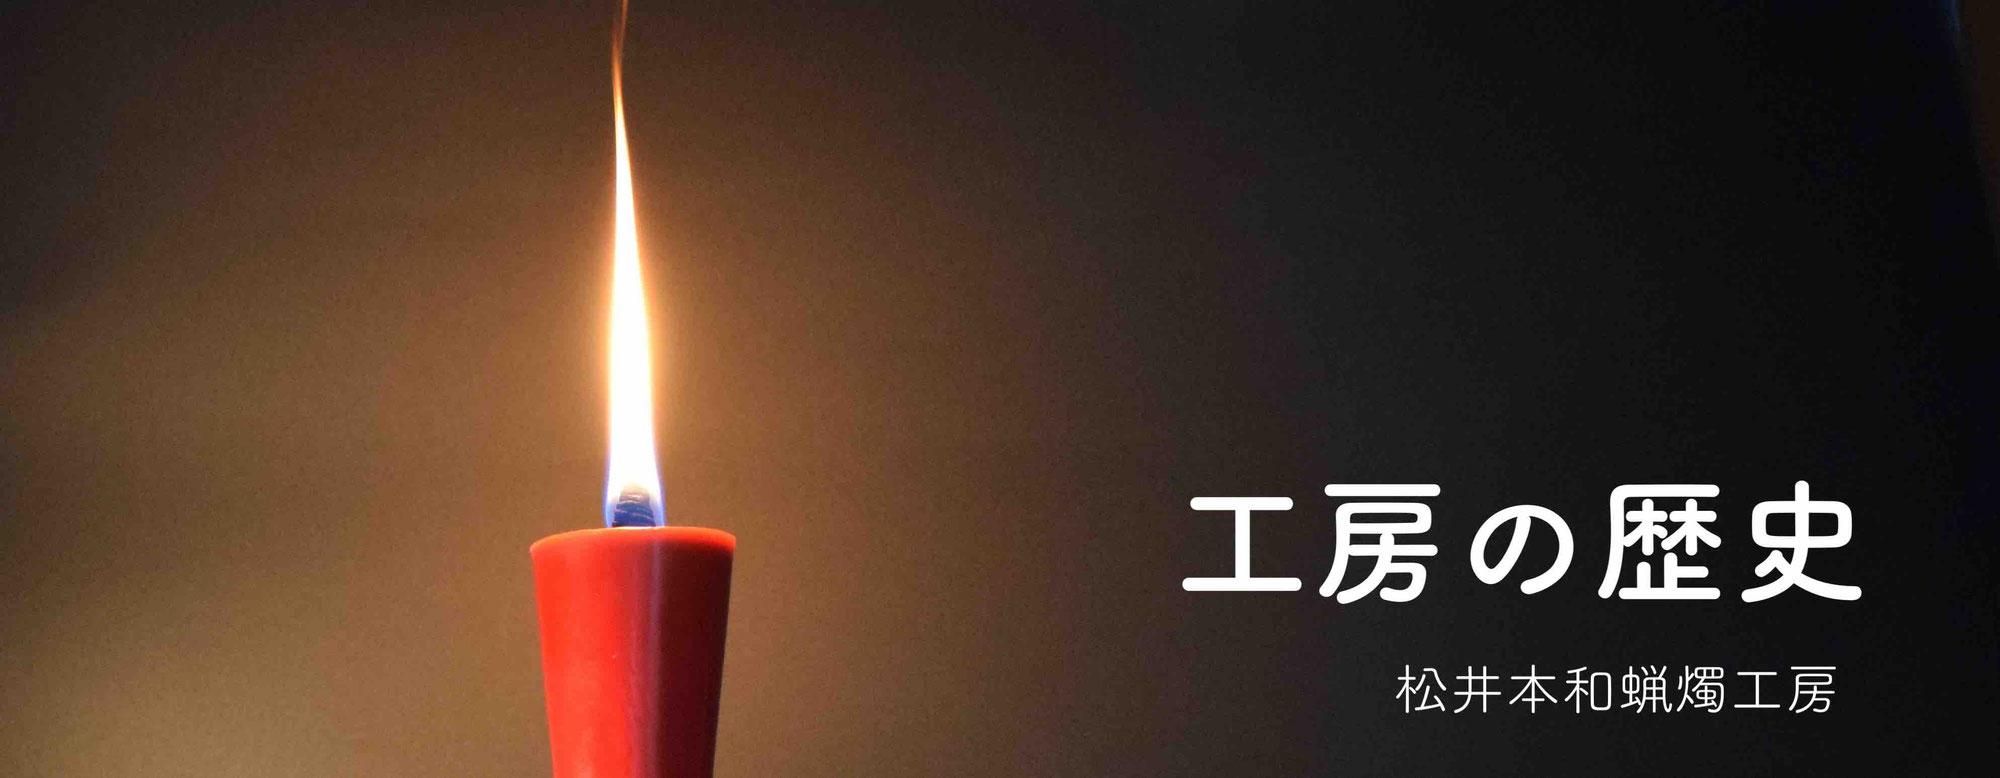 最高級手作り和ろうそく店の歴史 松井本和蝋燭工房 愛知県岡崎市